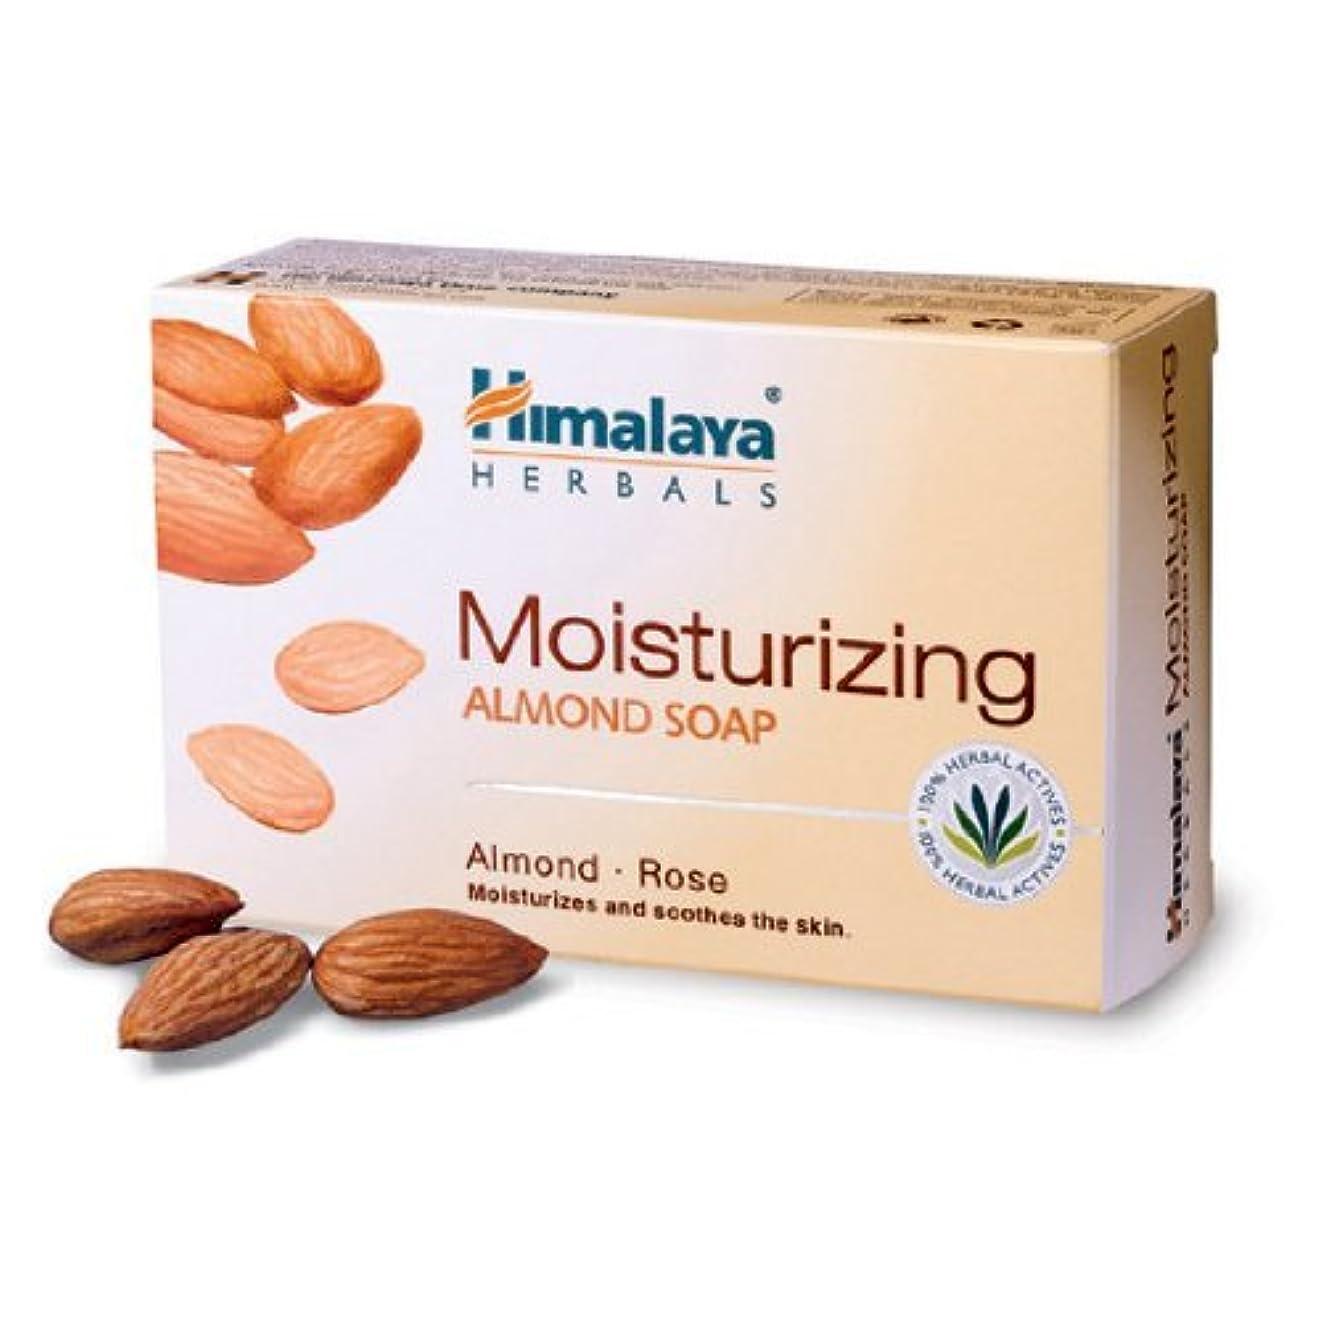 パリティ縁石一族Himalaya Moisturizing Almond Soap (ヒマラヤ アーモンド石鹸)75g 3個セット [並行輸入品]